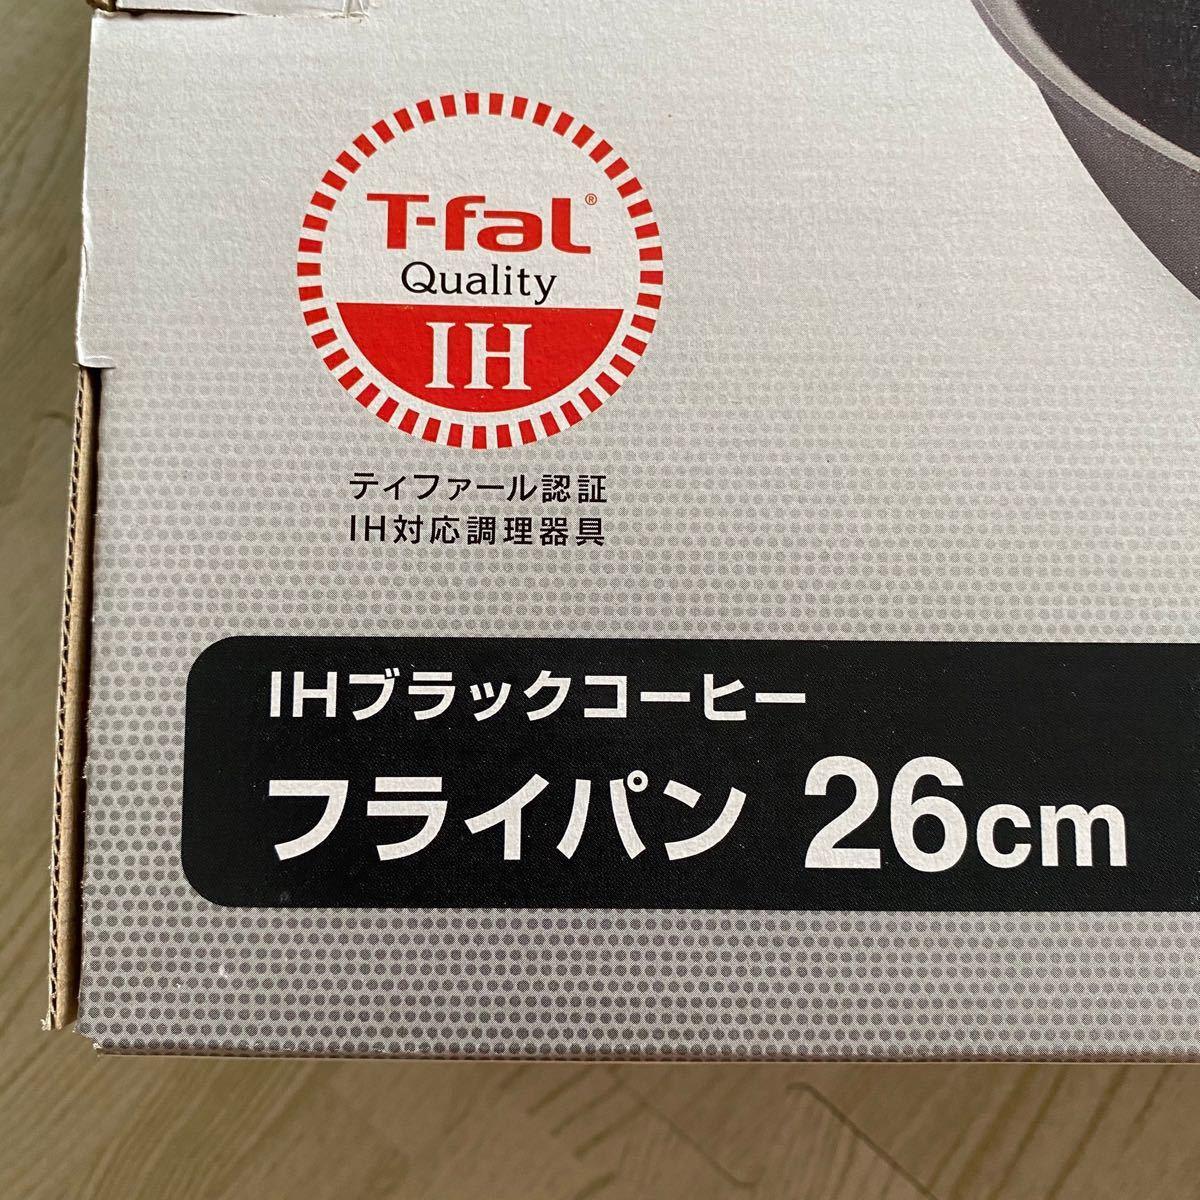 新品 未使用 ティファール IH対応 26cm フライパン